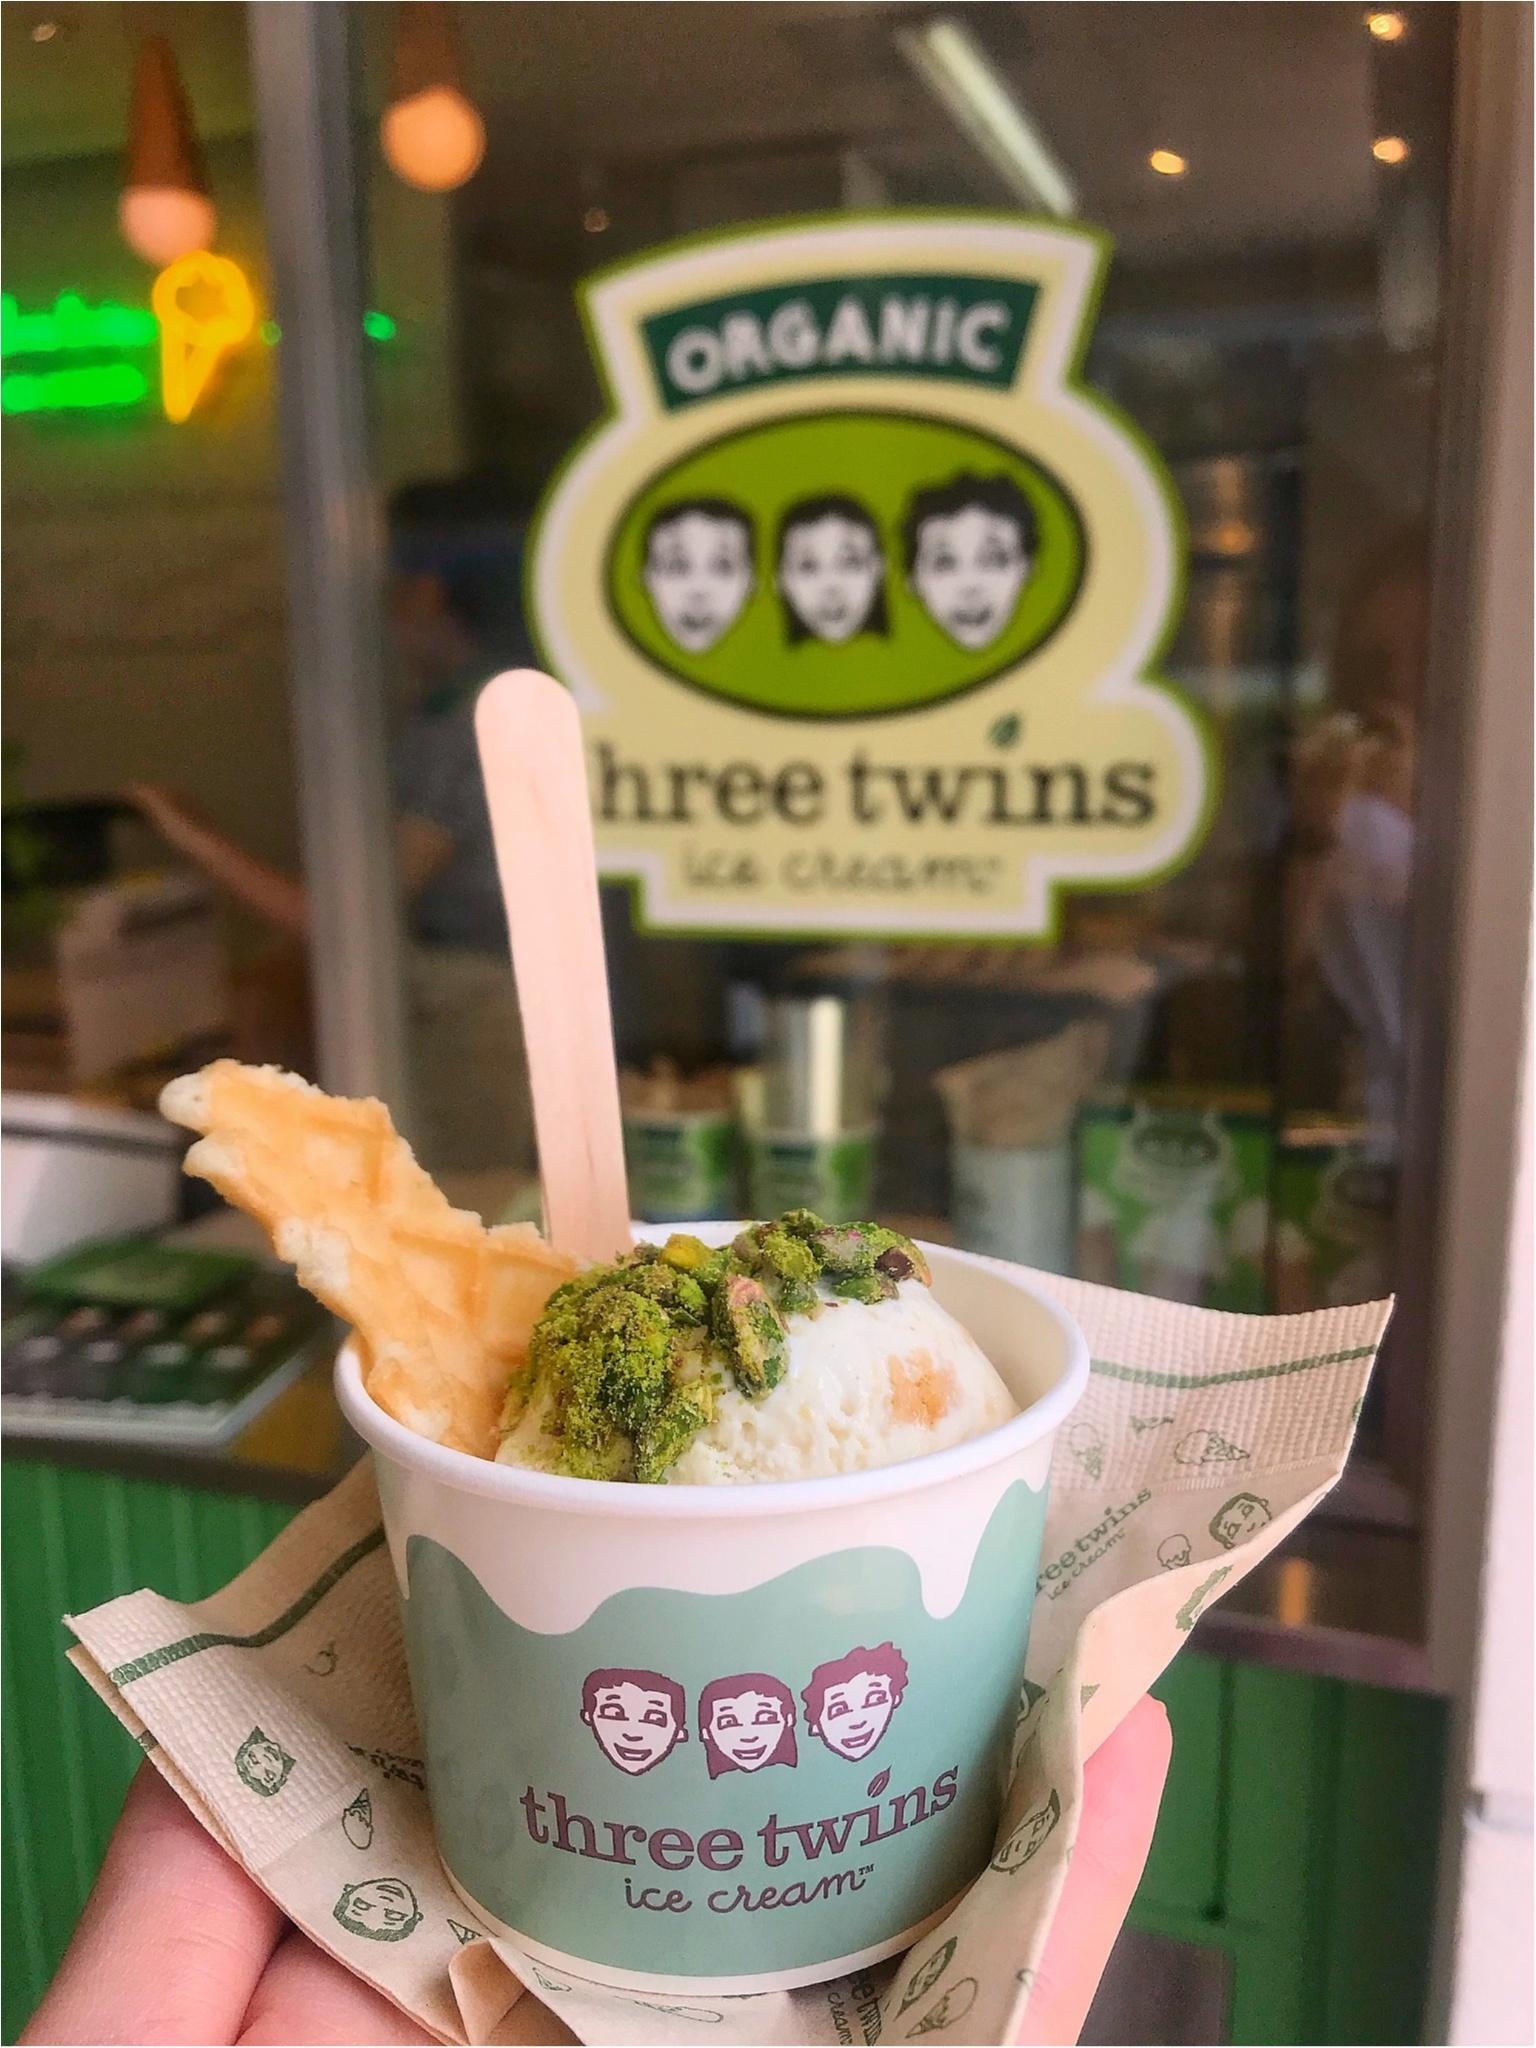 【スリーツインズ アイスクリーム】全米No.1人気アイスクリームの1号店が代官山に!